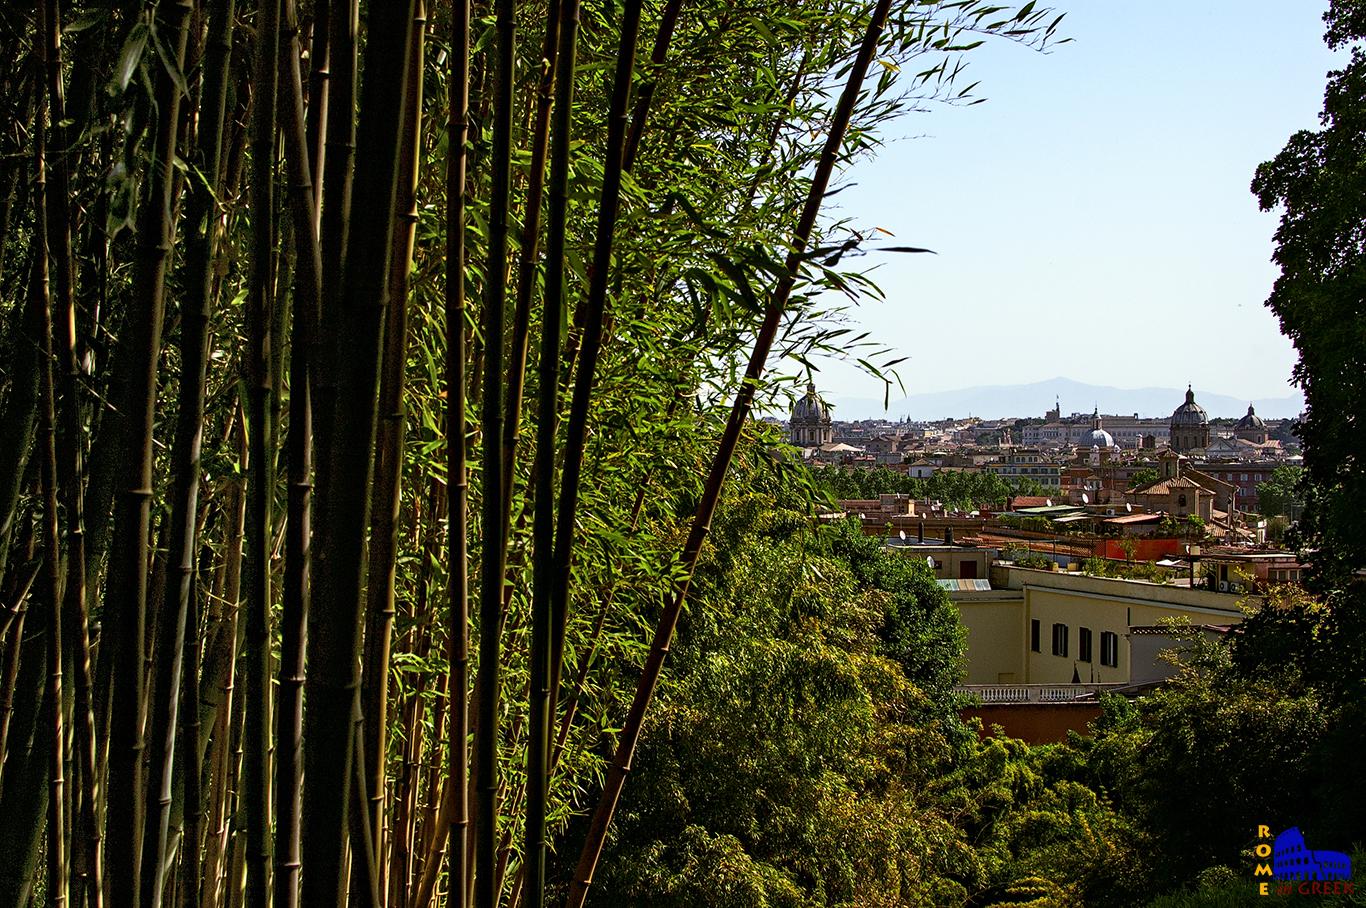 Θέα στην Ρώμη ανάμεσα από τα μπαμπού